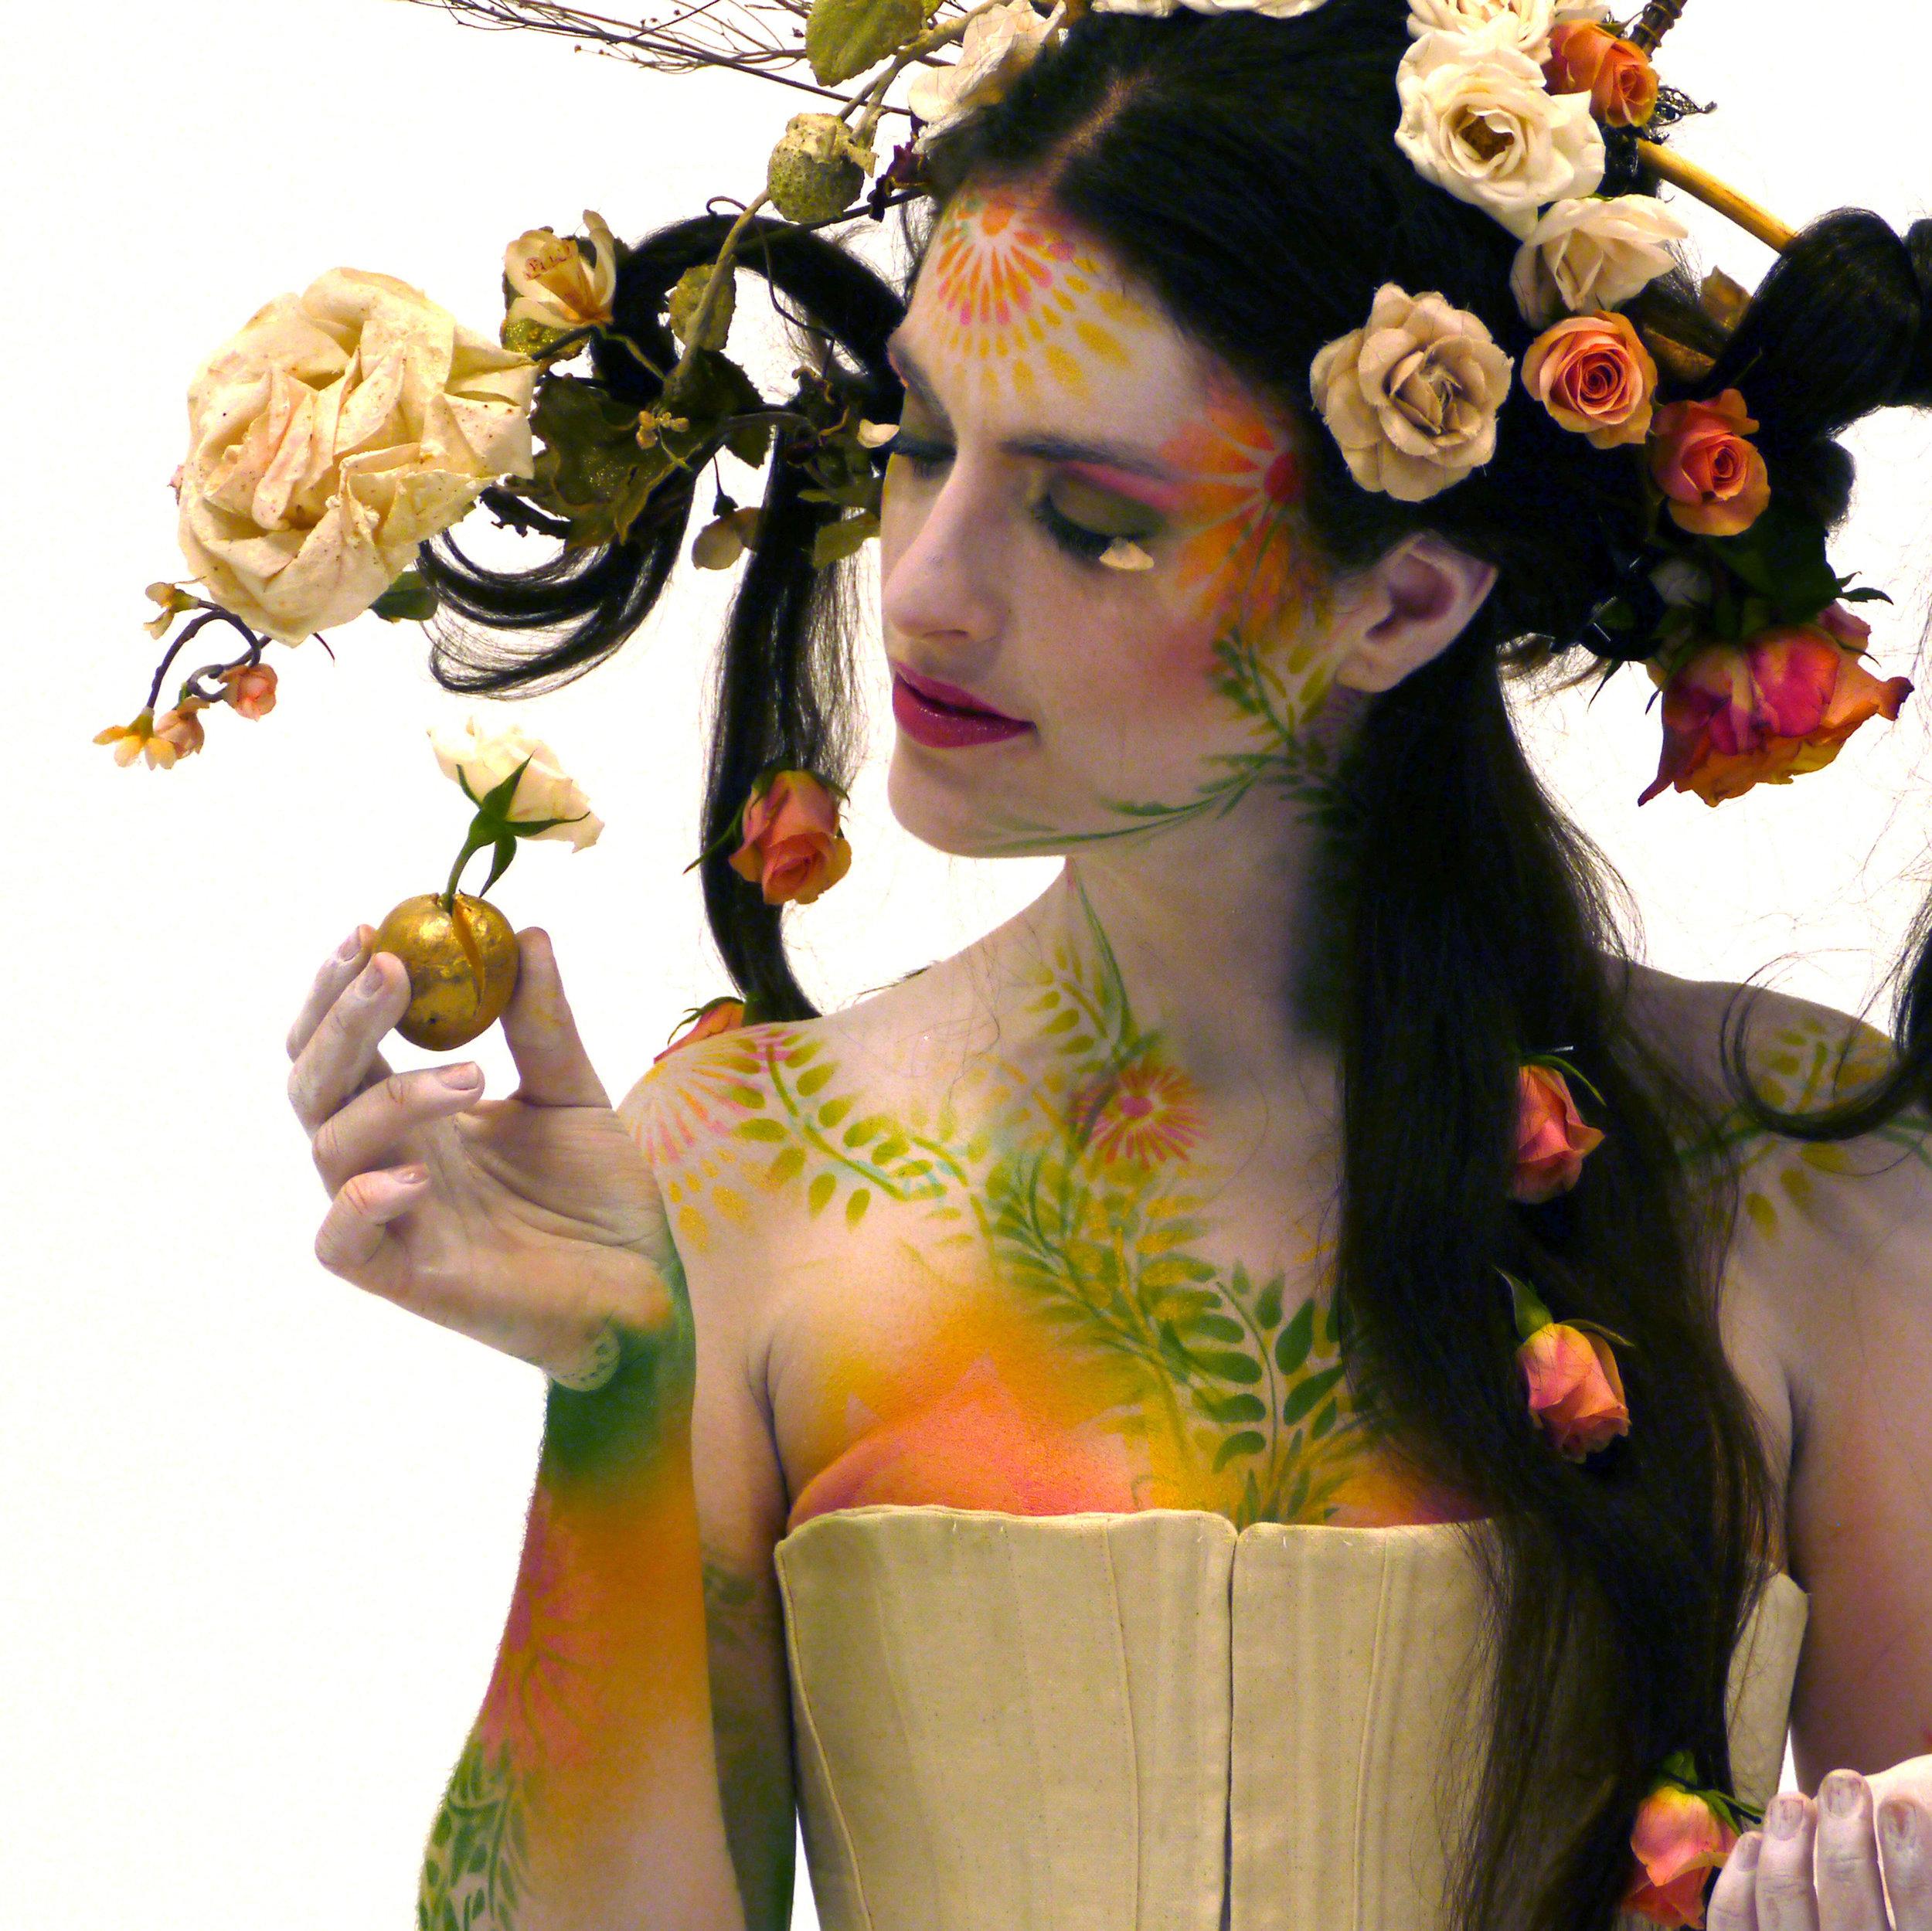 Marya_stark_the_garden_penny_slinger_rose_headdress_avatar_long_heair.jpg